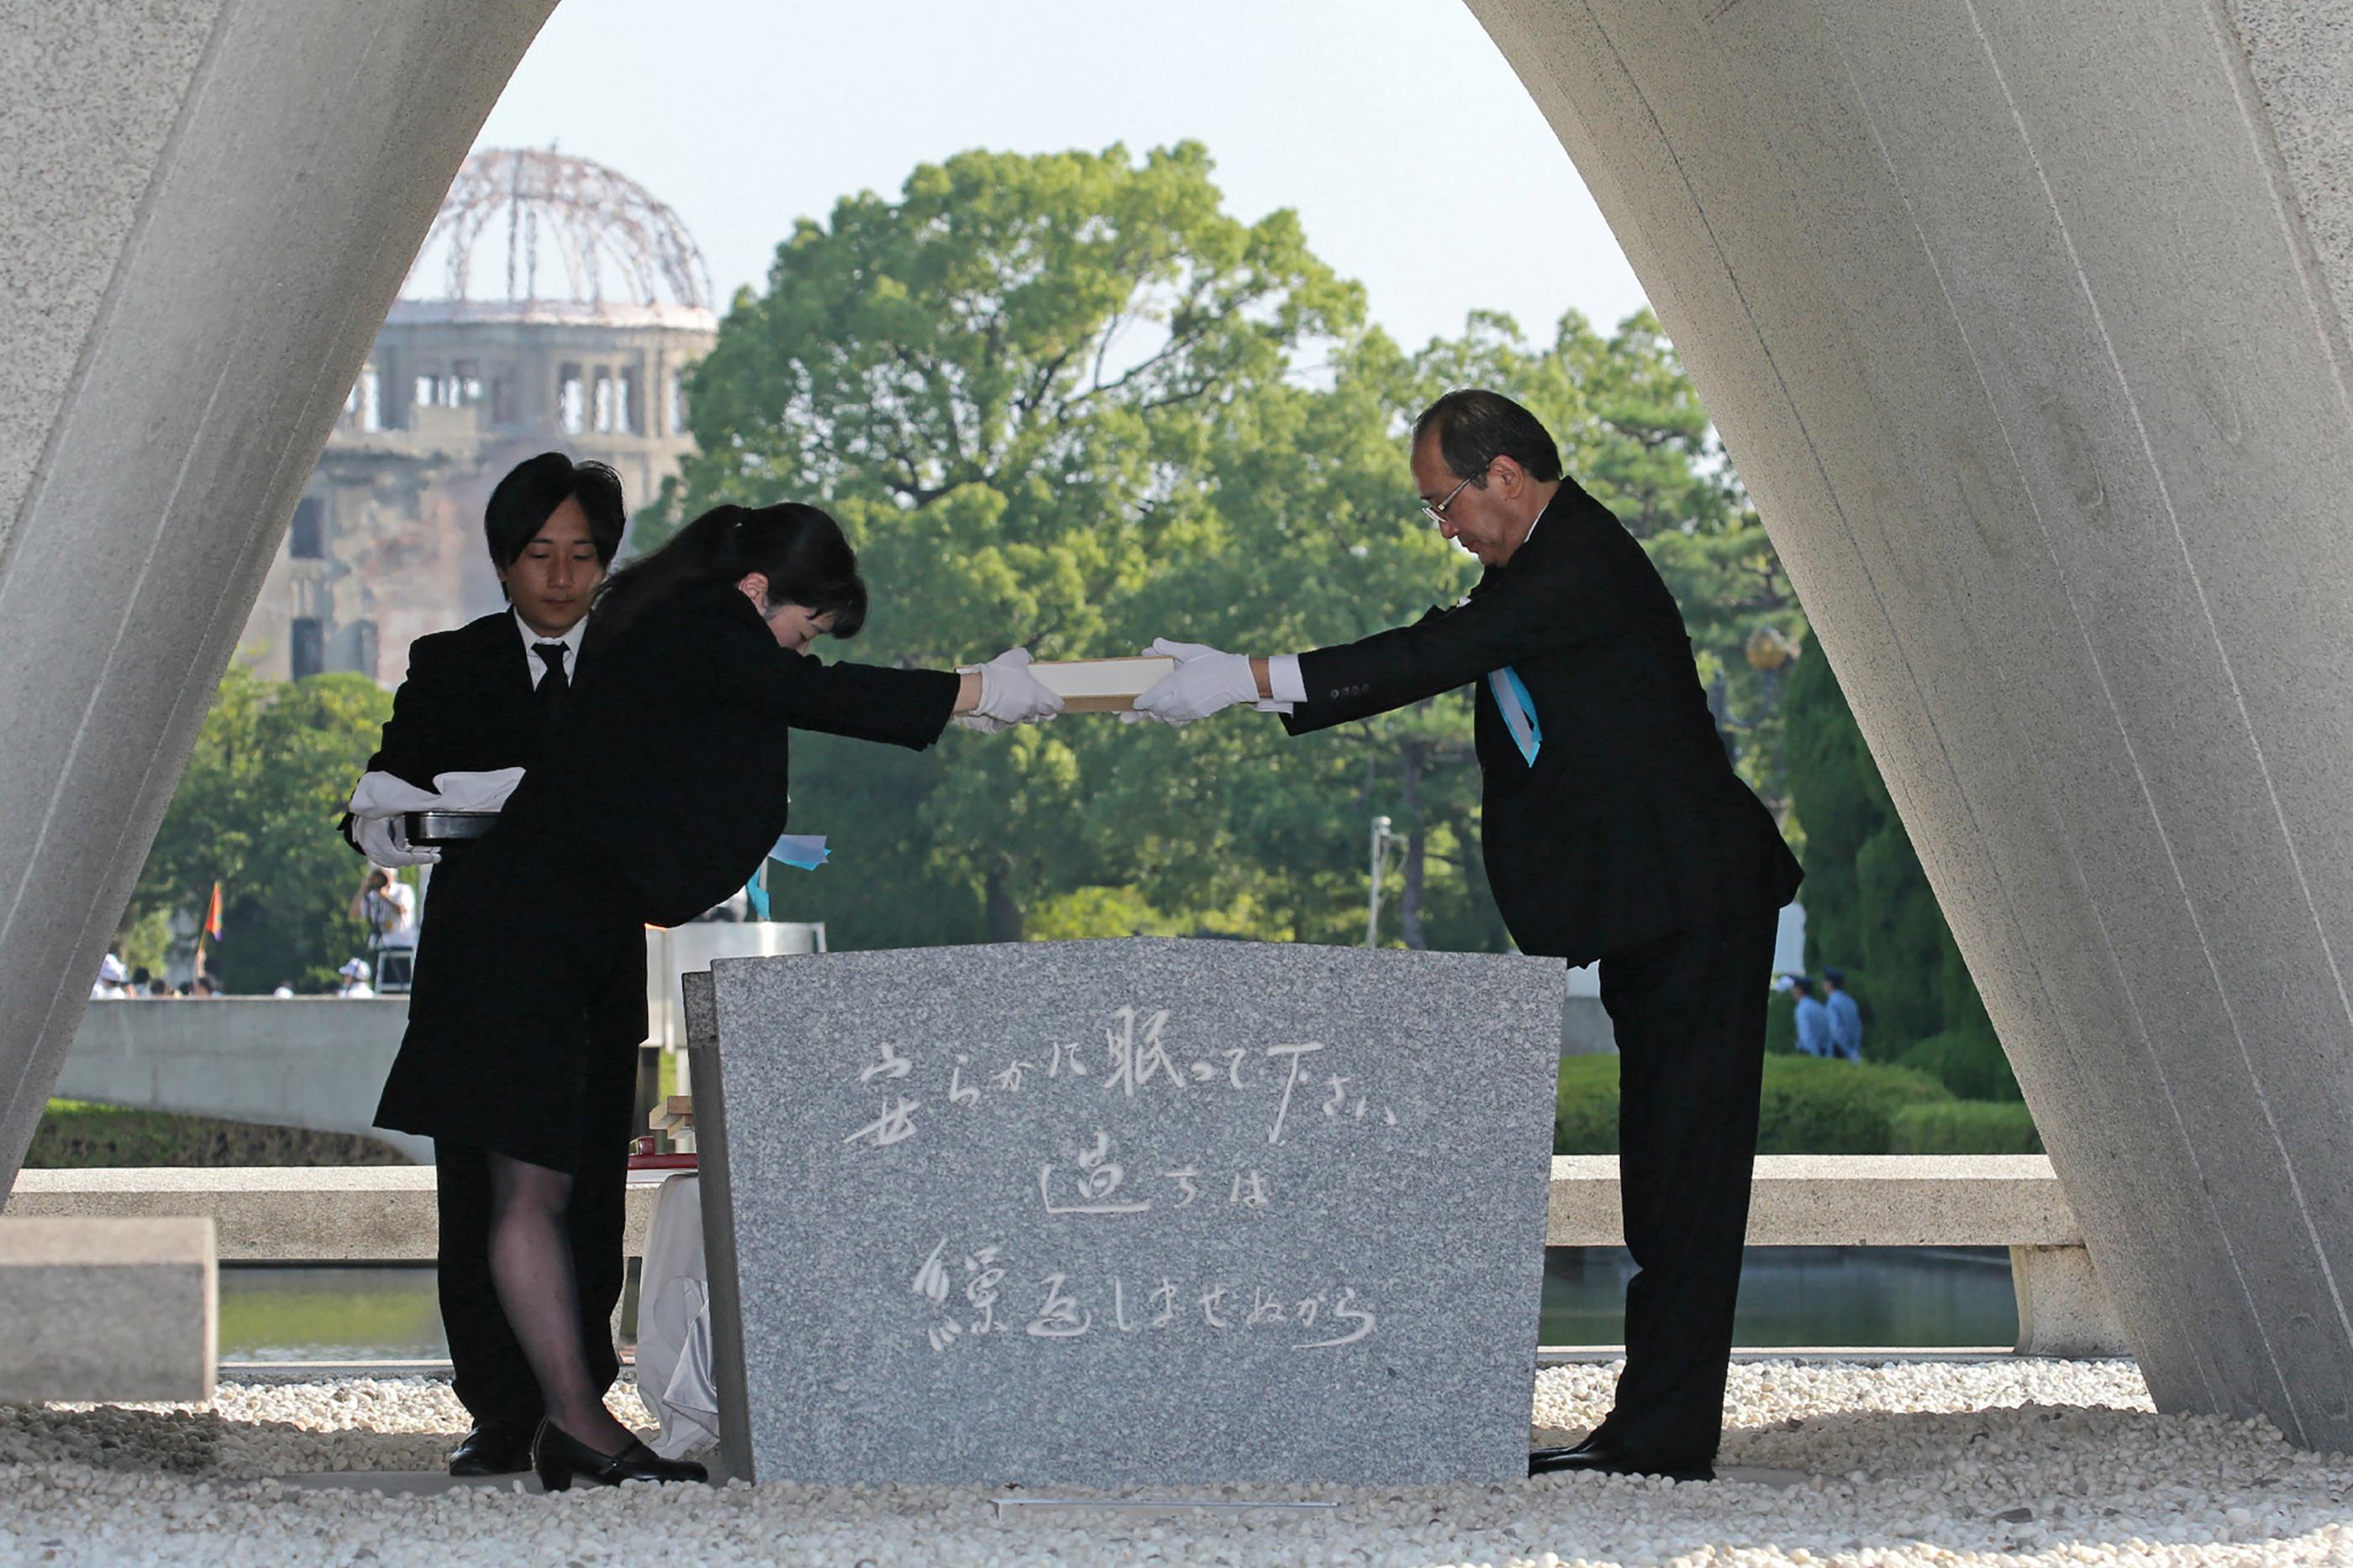 El alcalde de Hitorshima en 2018, Kazumi Matsui, recibe la lista más actualizada de las víctimas de Hiroshima(AFP)